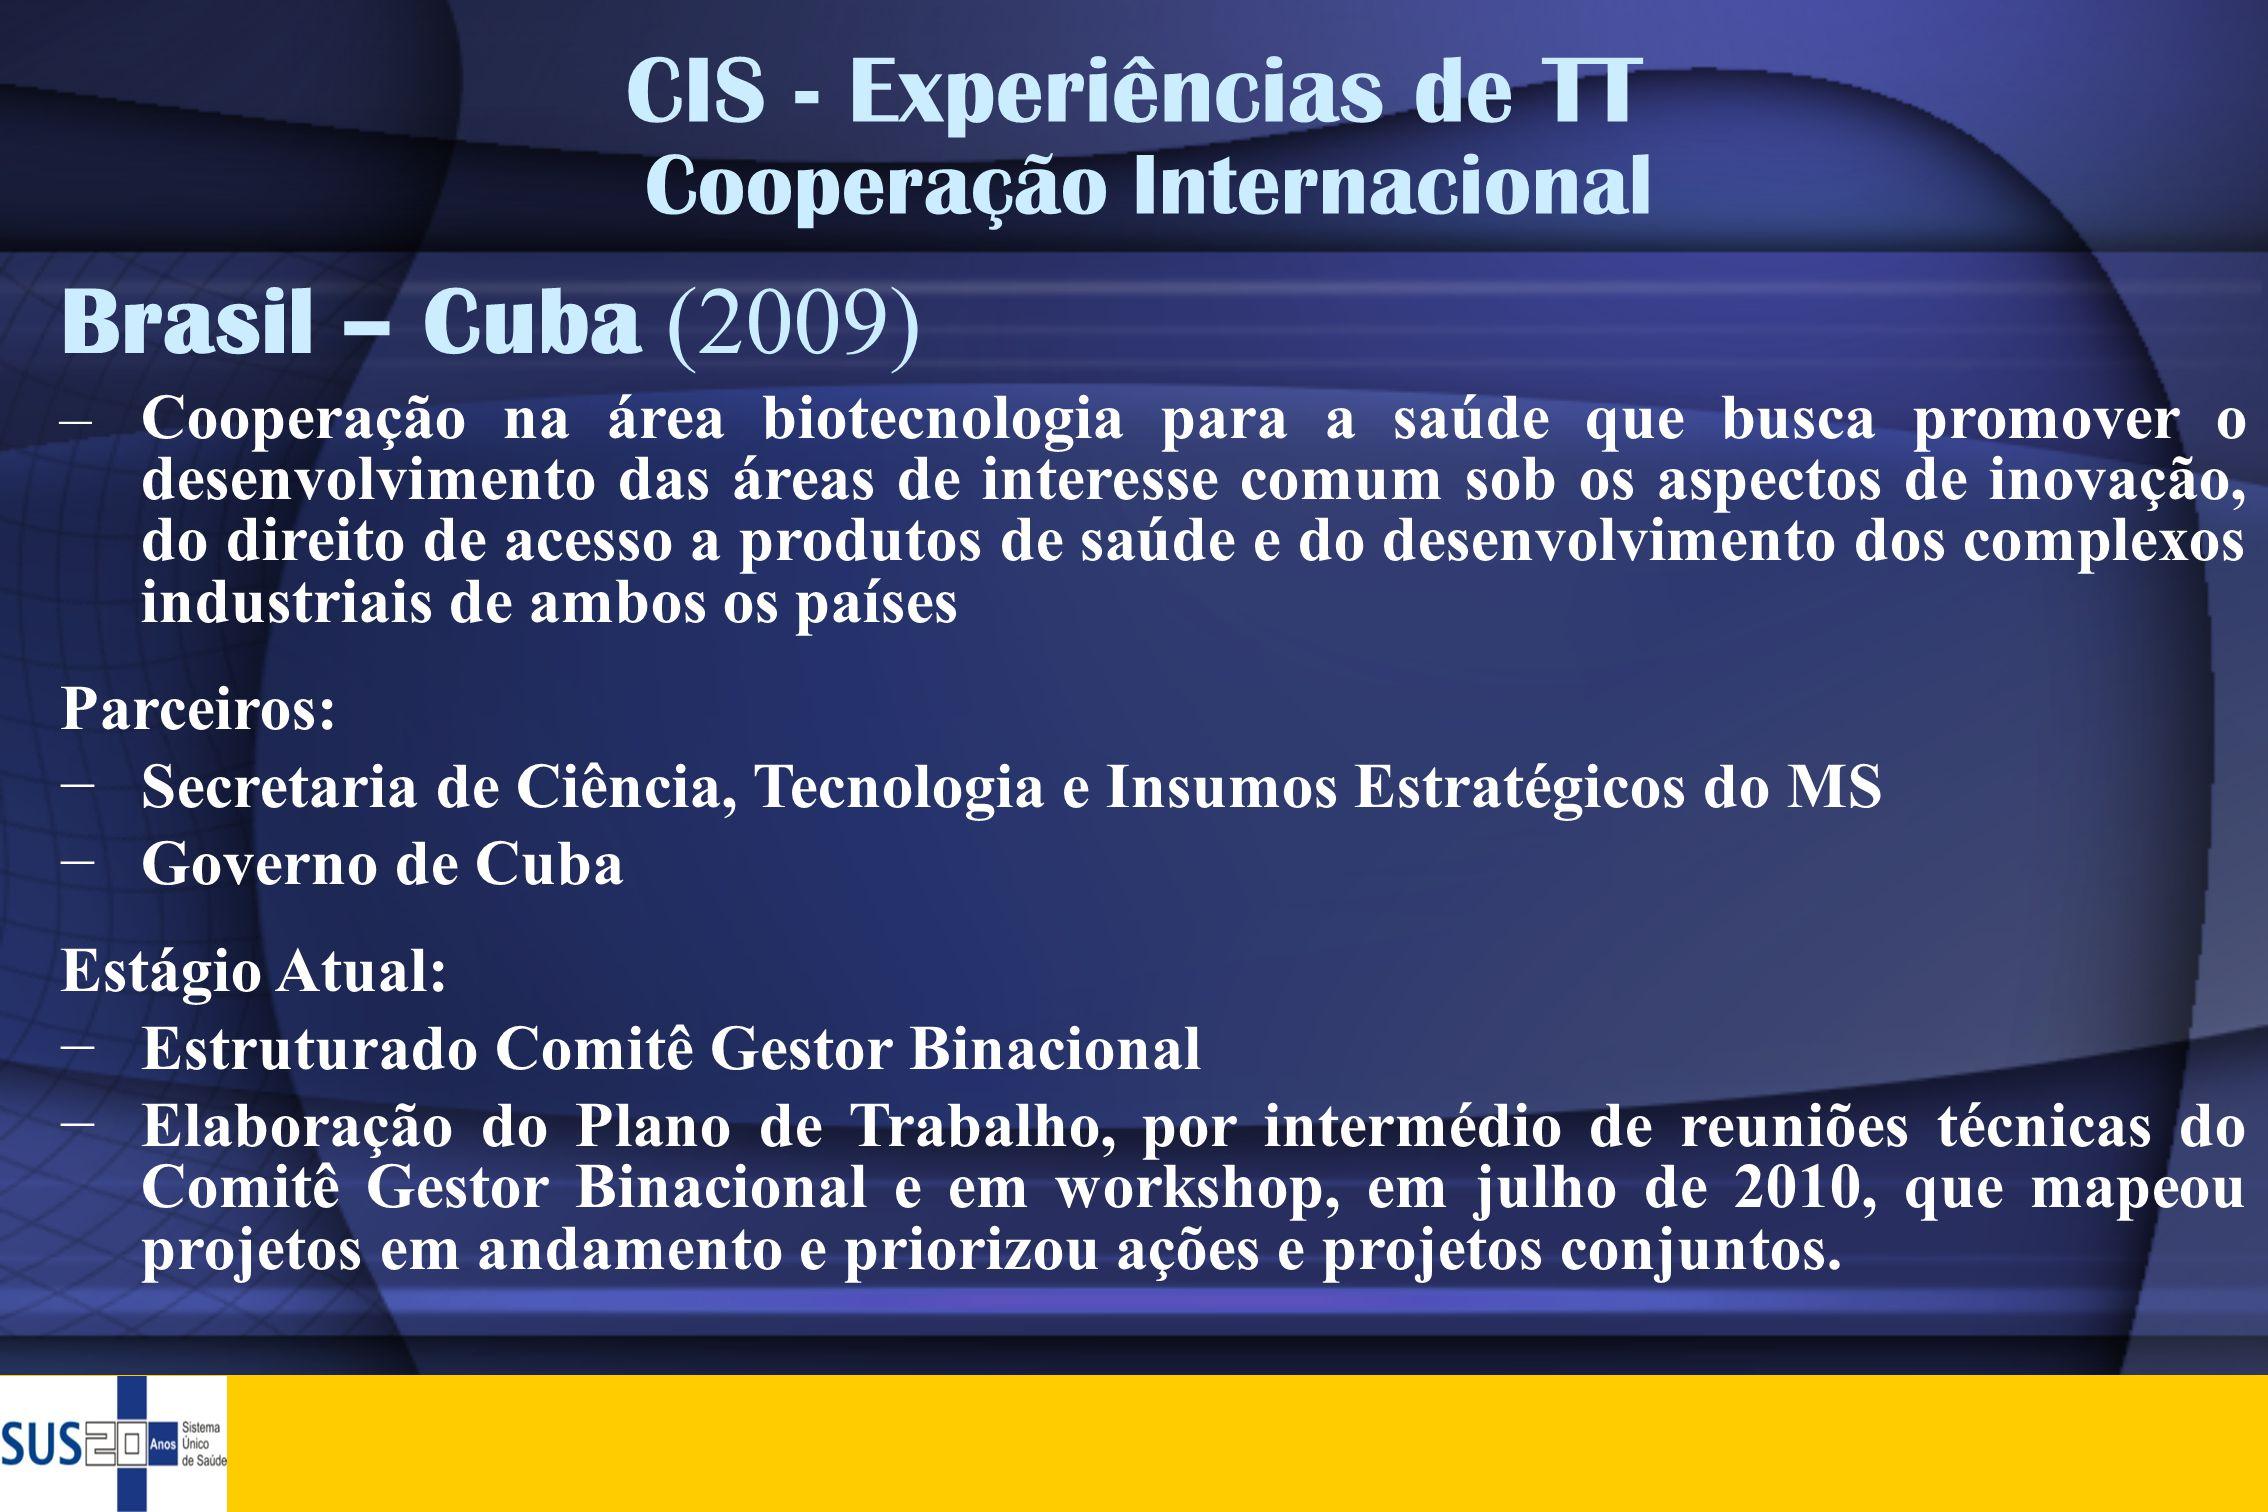 CIS - Experiências de TT Cooperação Internacional